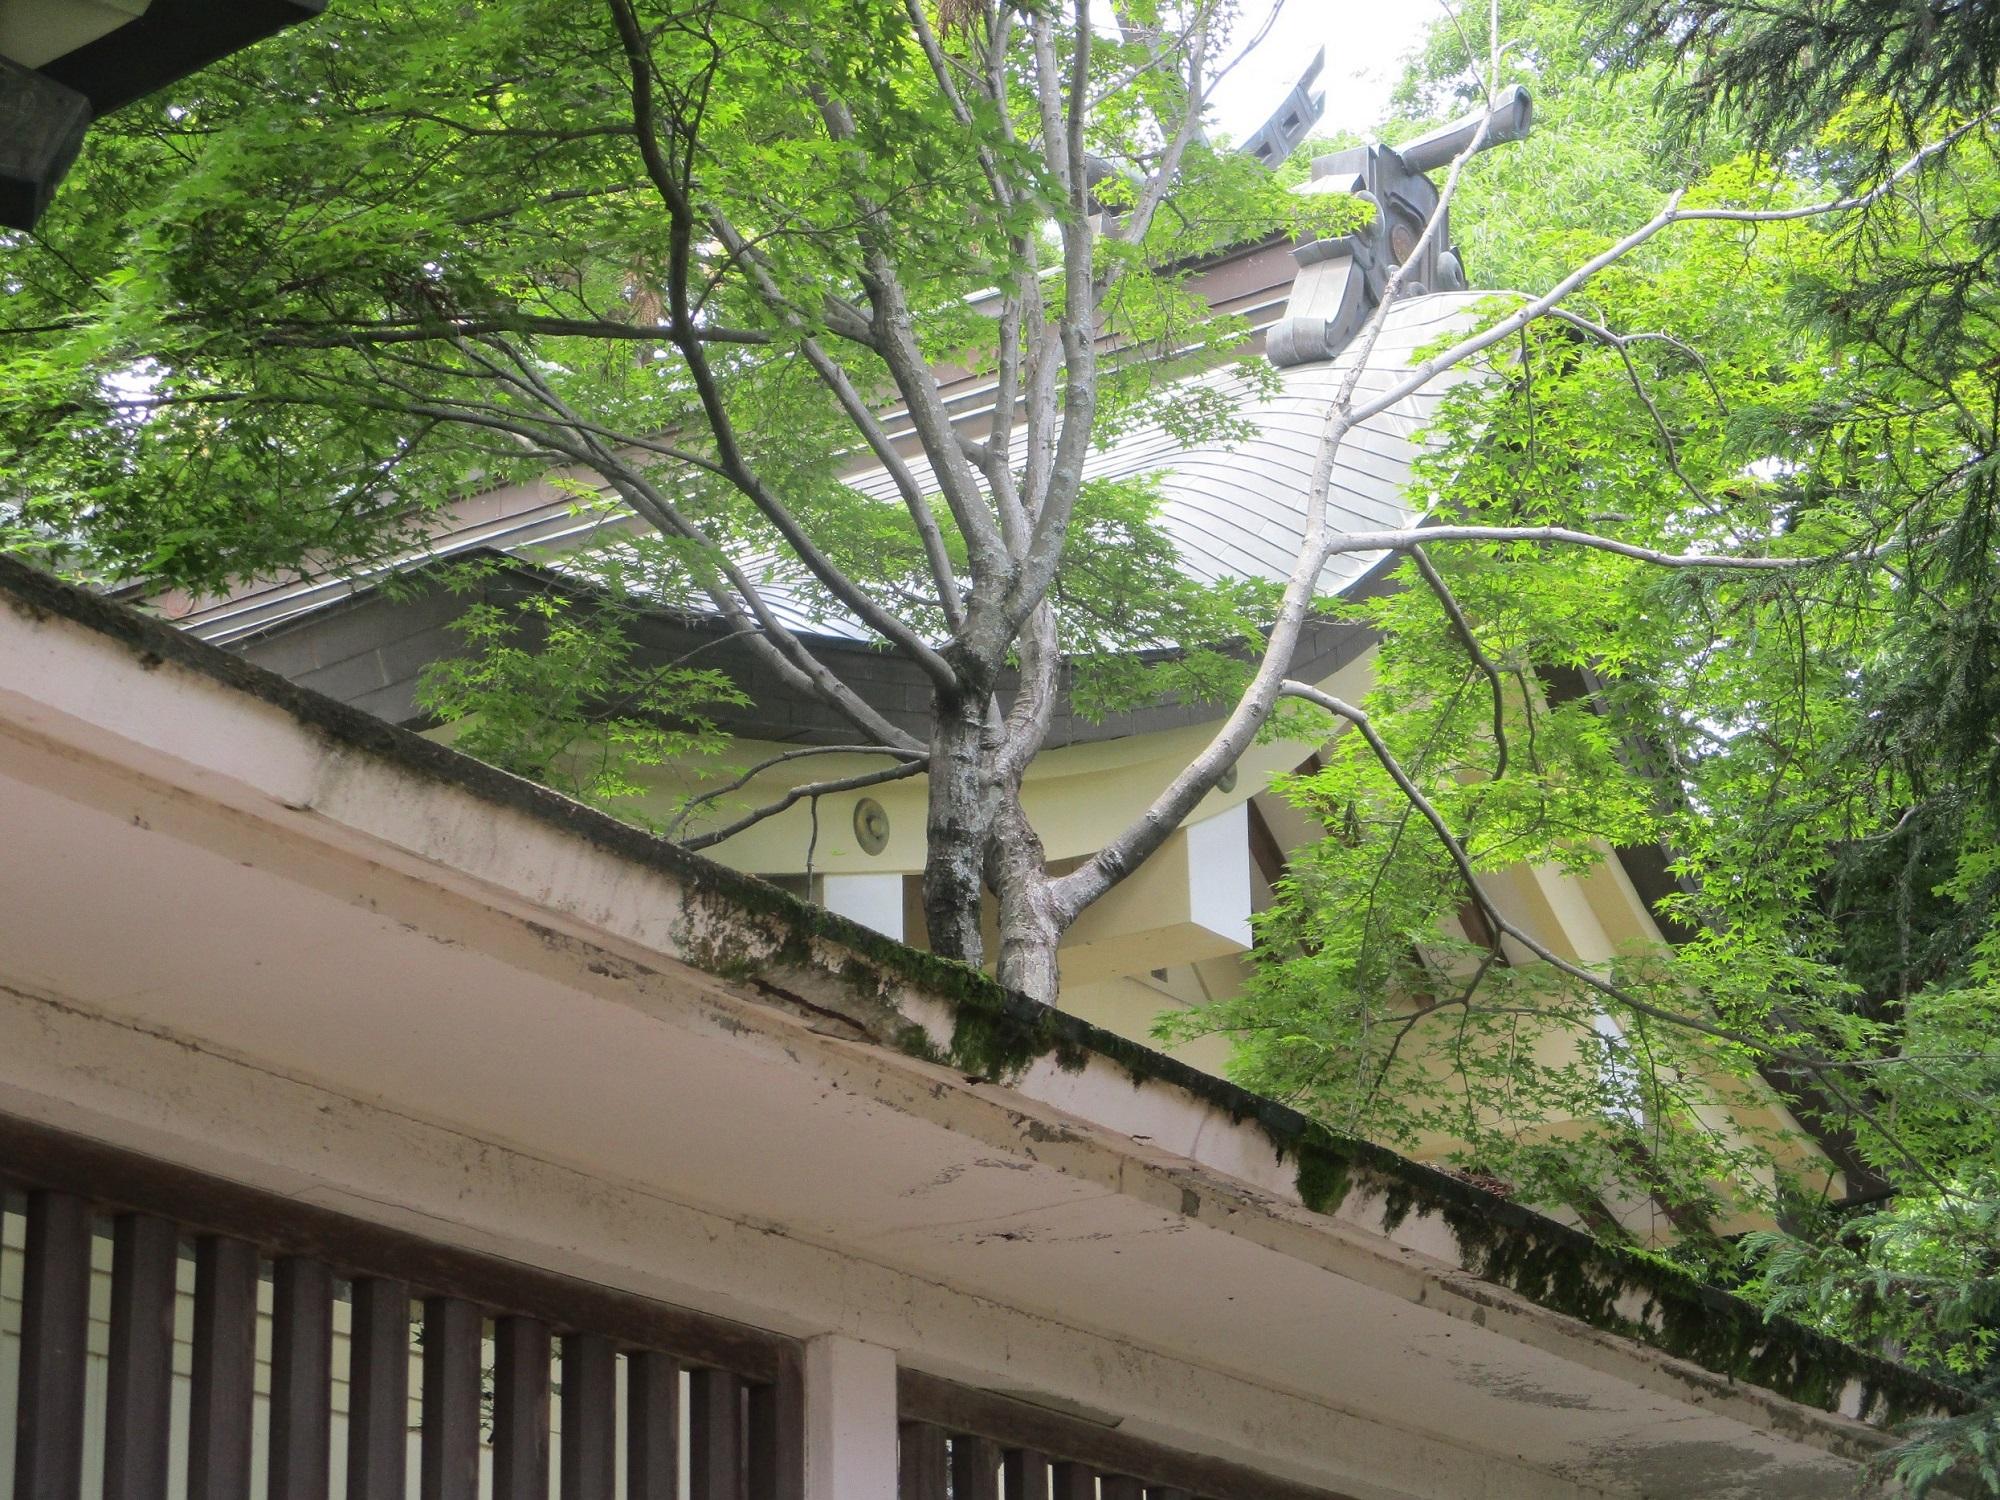 2020.5.27 (23) 鷲取神社 - 本殿 2000-1500